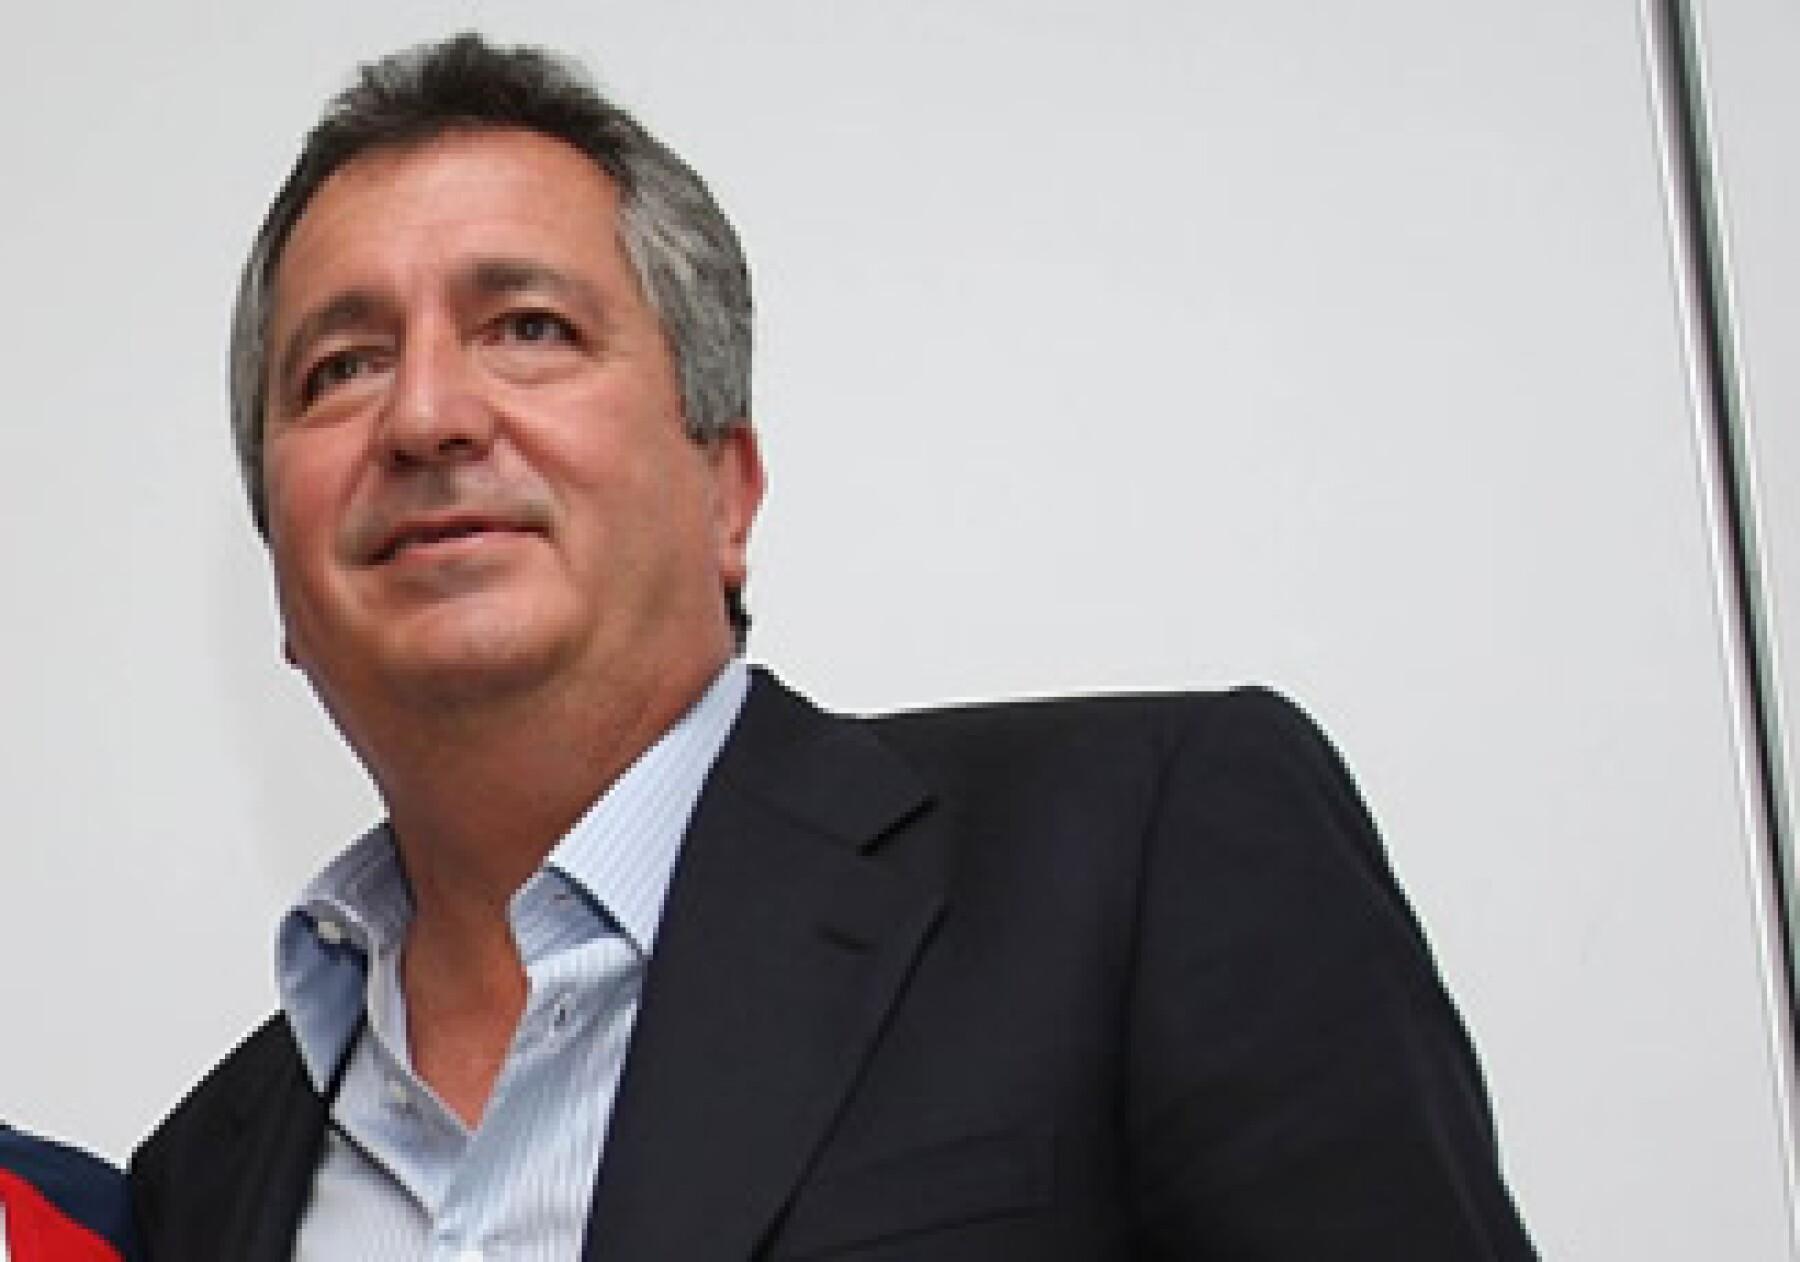 Jorge Vergara dijo que su empresa Omnilife seguirá creciendo en Costa Rica. (Foto: Notimex)